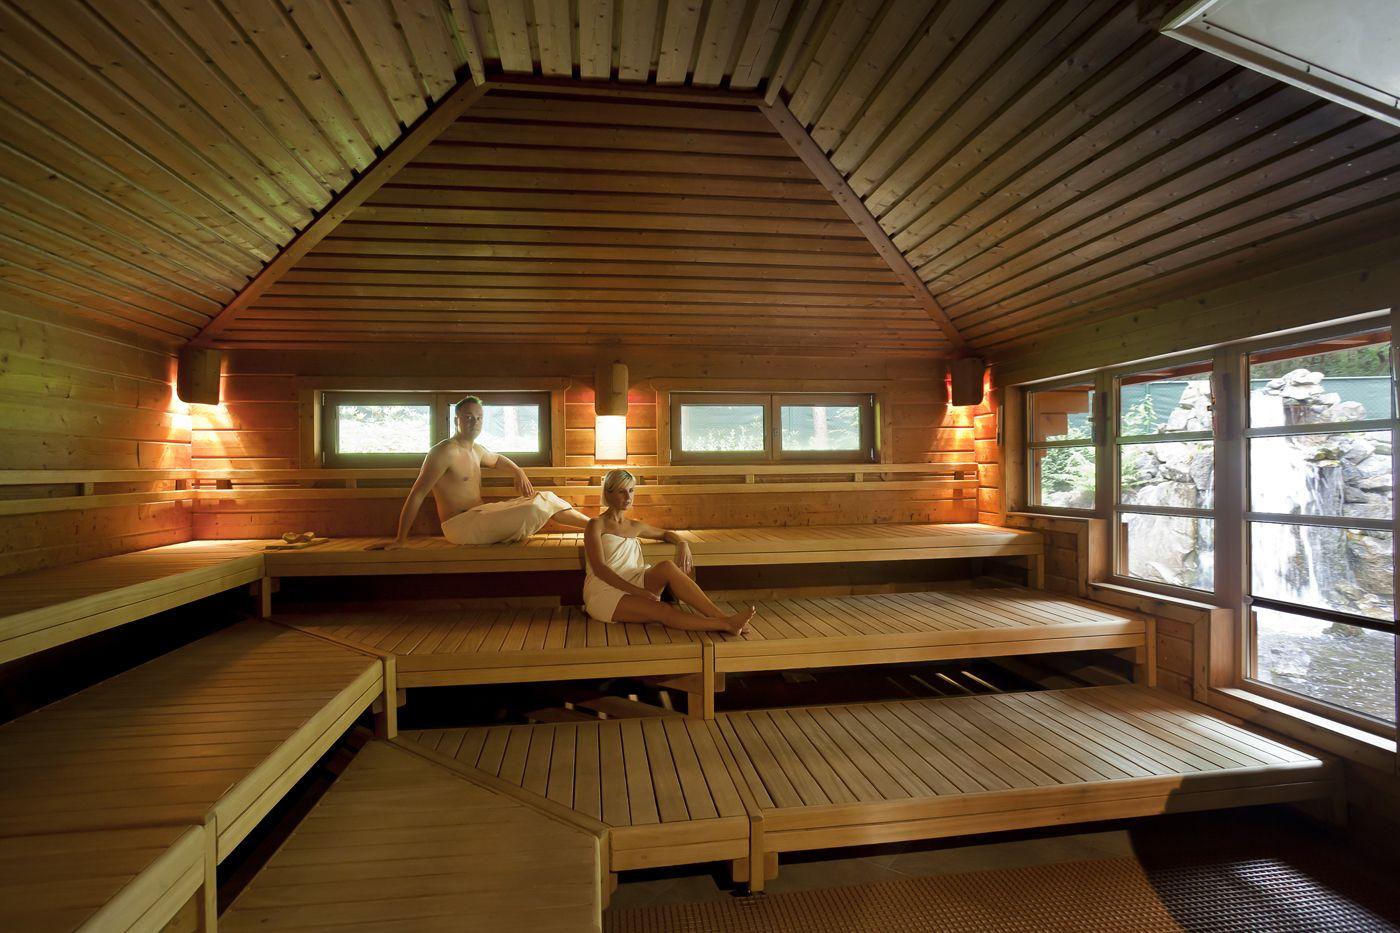 Kom tot rust en schoonheid... Hezemeer Sauna Sunshine Beauty biedt je een uitgebreid aanbod van topklasse saunafaciliteiten: verschillende sauna's, zonnebanken, een unieke hamam met rasul en zeepmassage, een prachtig beautycomplex met een zeer gevarieerd aanbod aan schoonheidsverzorgingen en massages. Bekijk alle details op http://www.relaxy.be/wellness/eindhout/5-hezemeer/ #relaxybe #sauna #spa #wellness